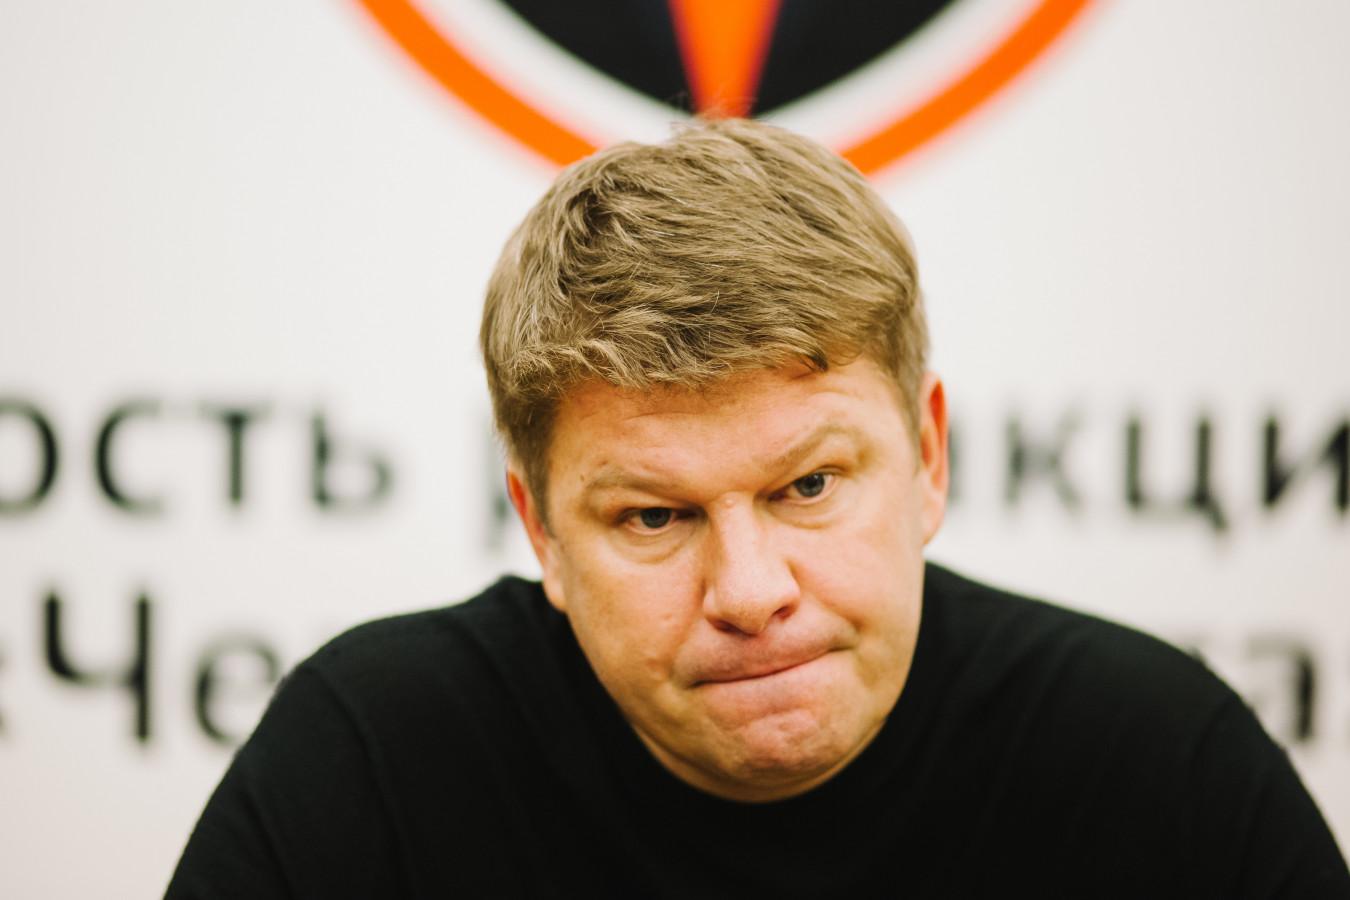 Губерниев: мне сказали, что сборную России не пускали на стрельбище в Поклюке